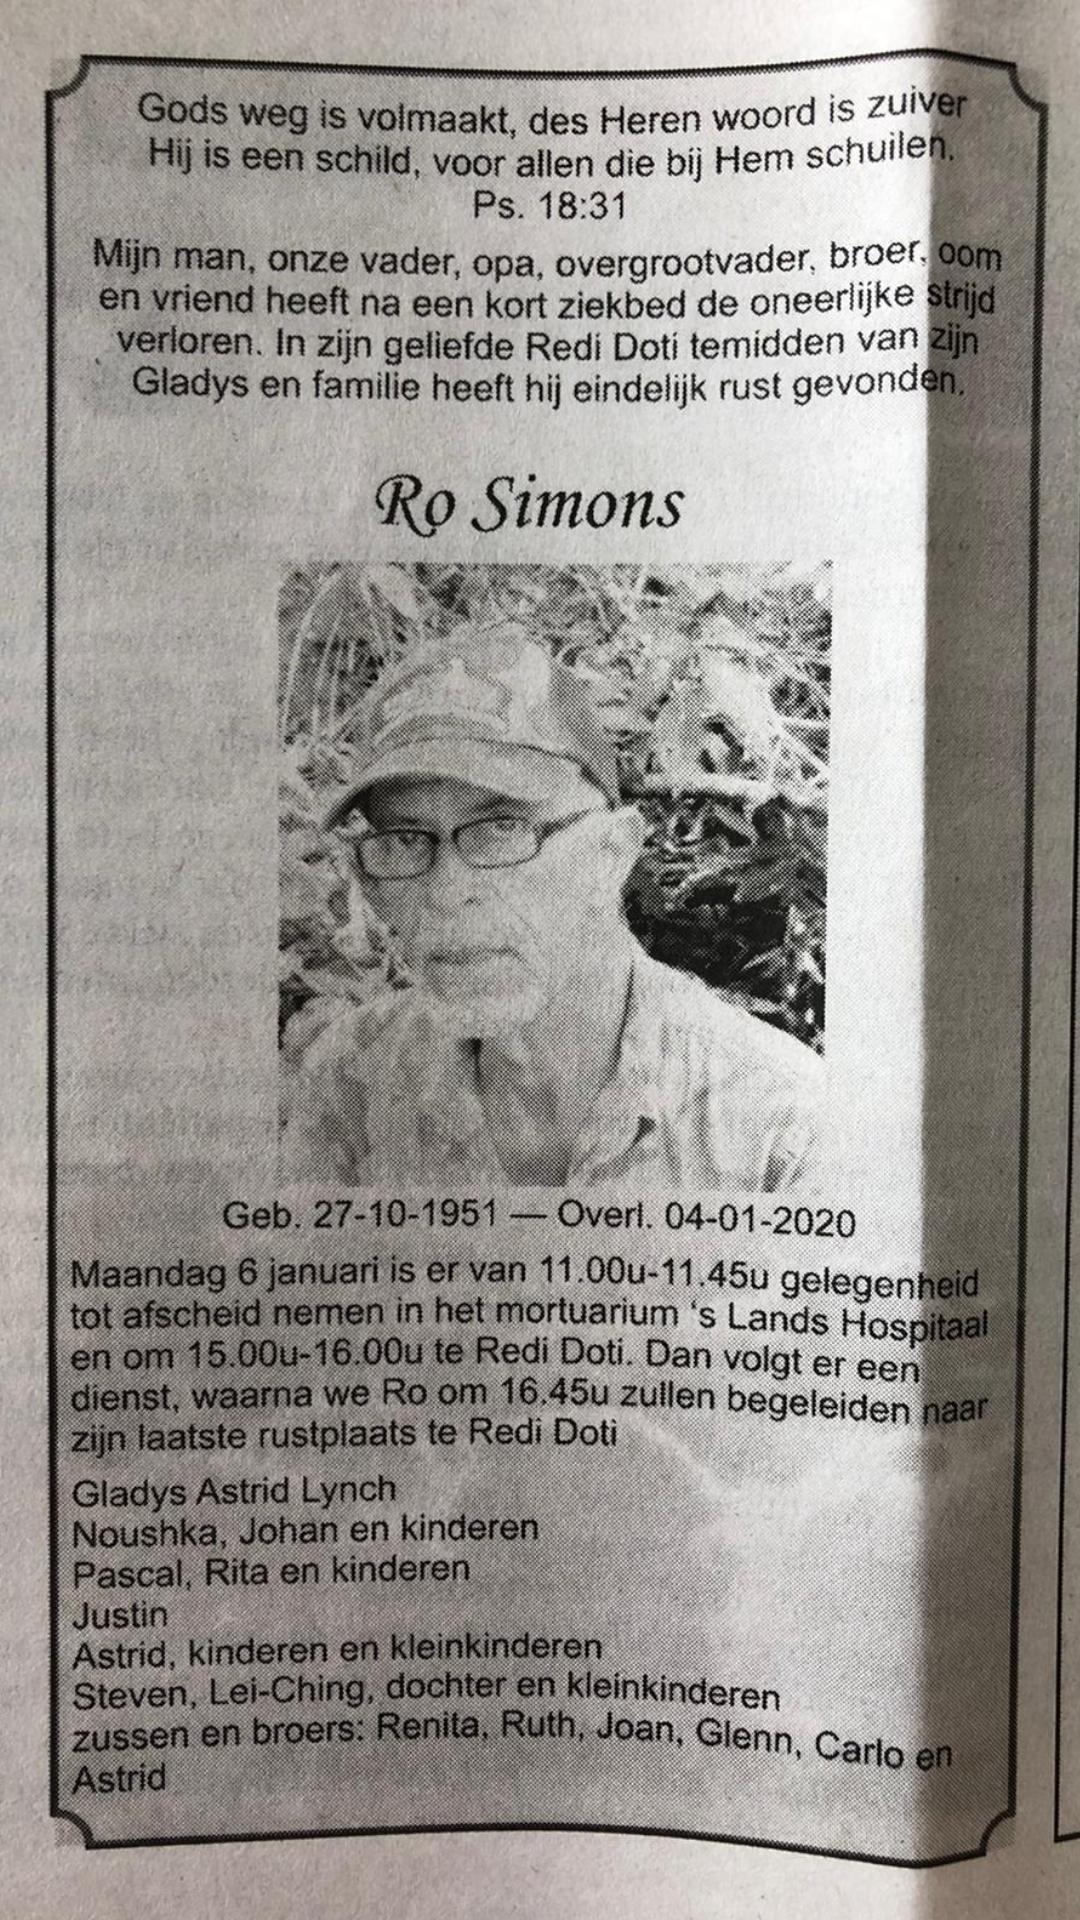 Romeo Simons